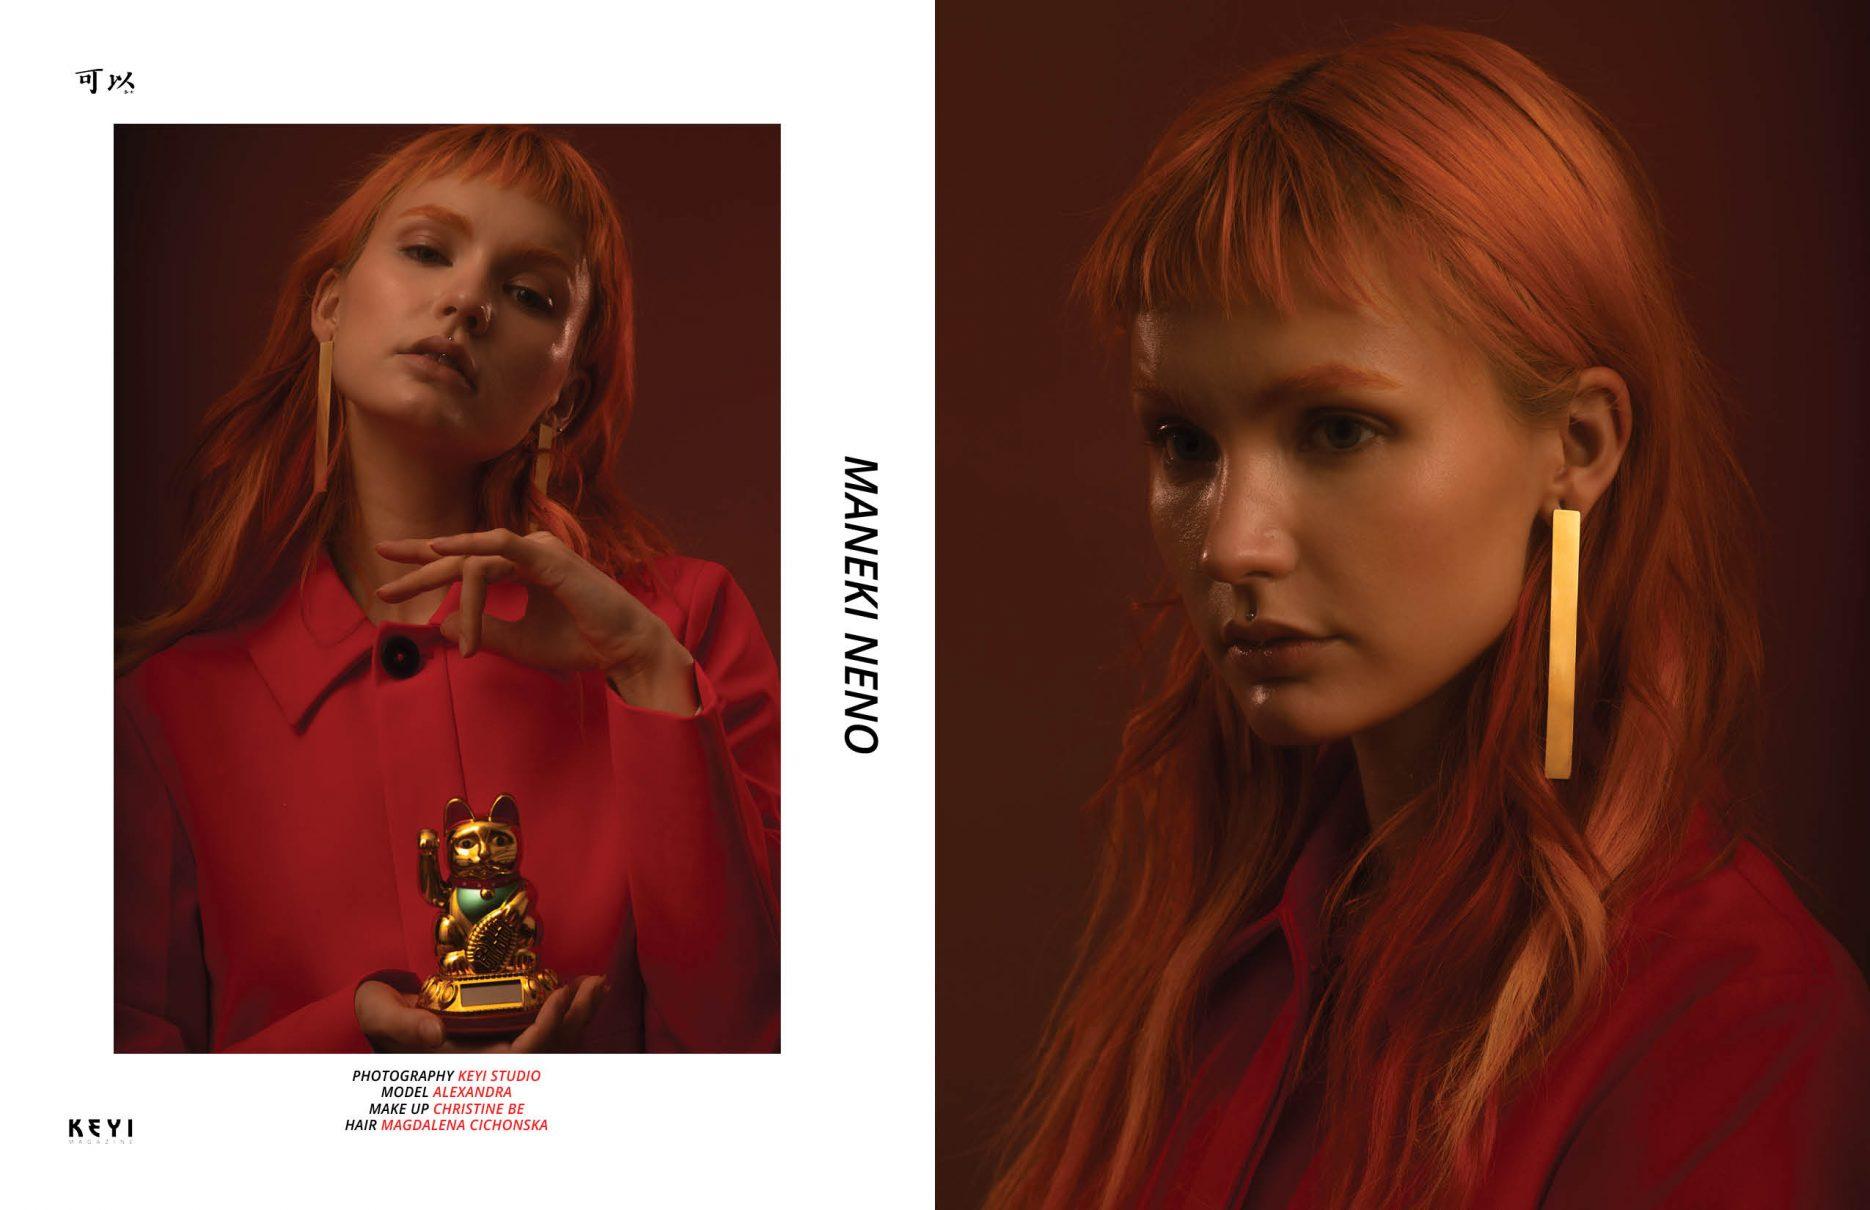 photoshoot for keyi magazine by keyi studio